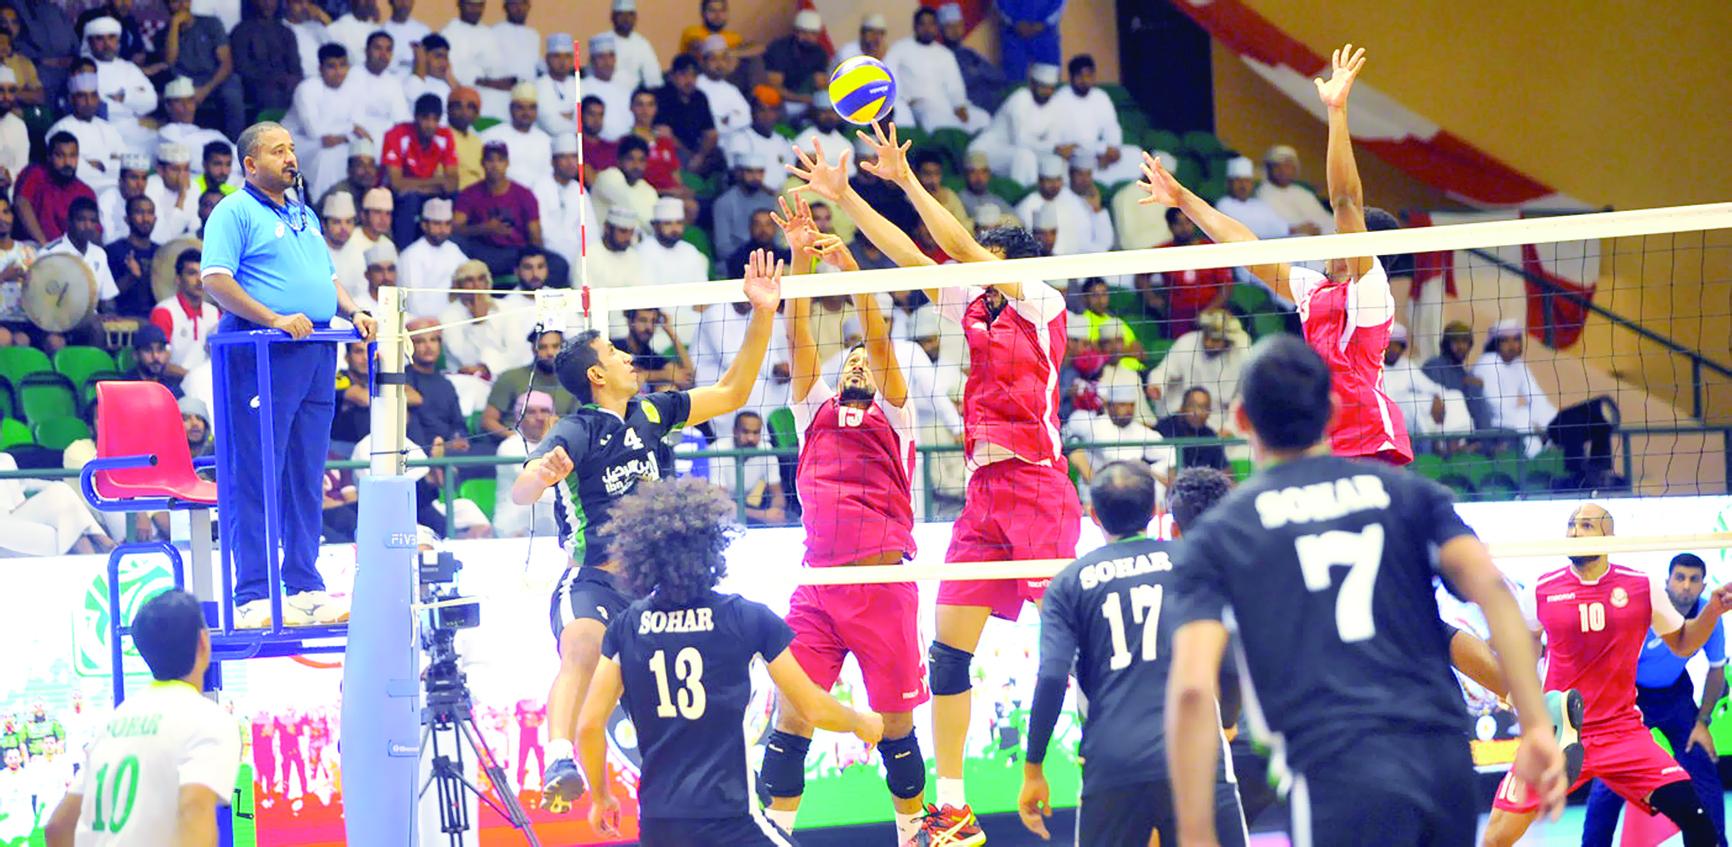 طائرة صحار تقلع لتونس للمشاركة في البطولة العربية